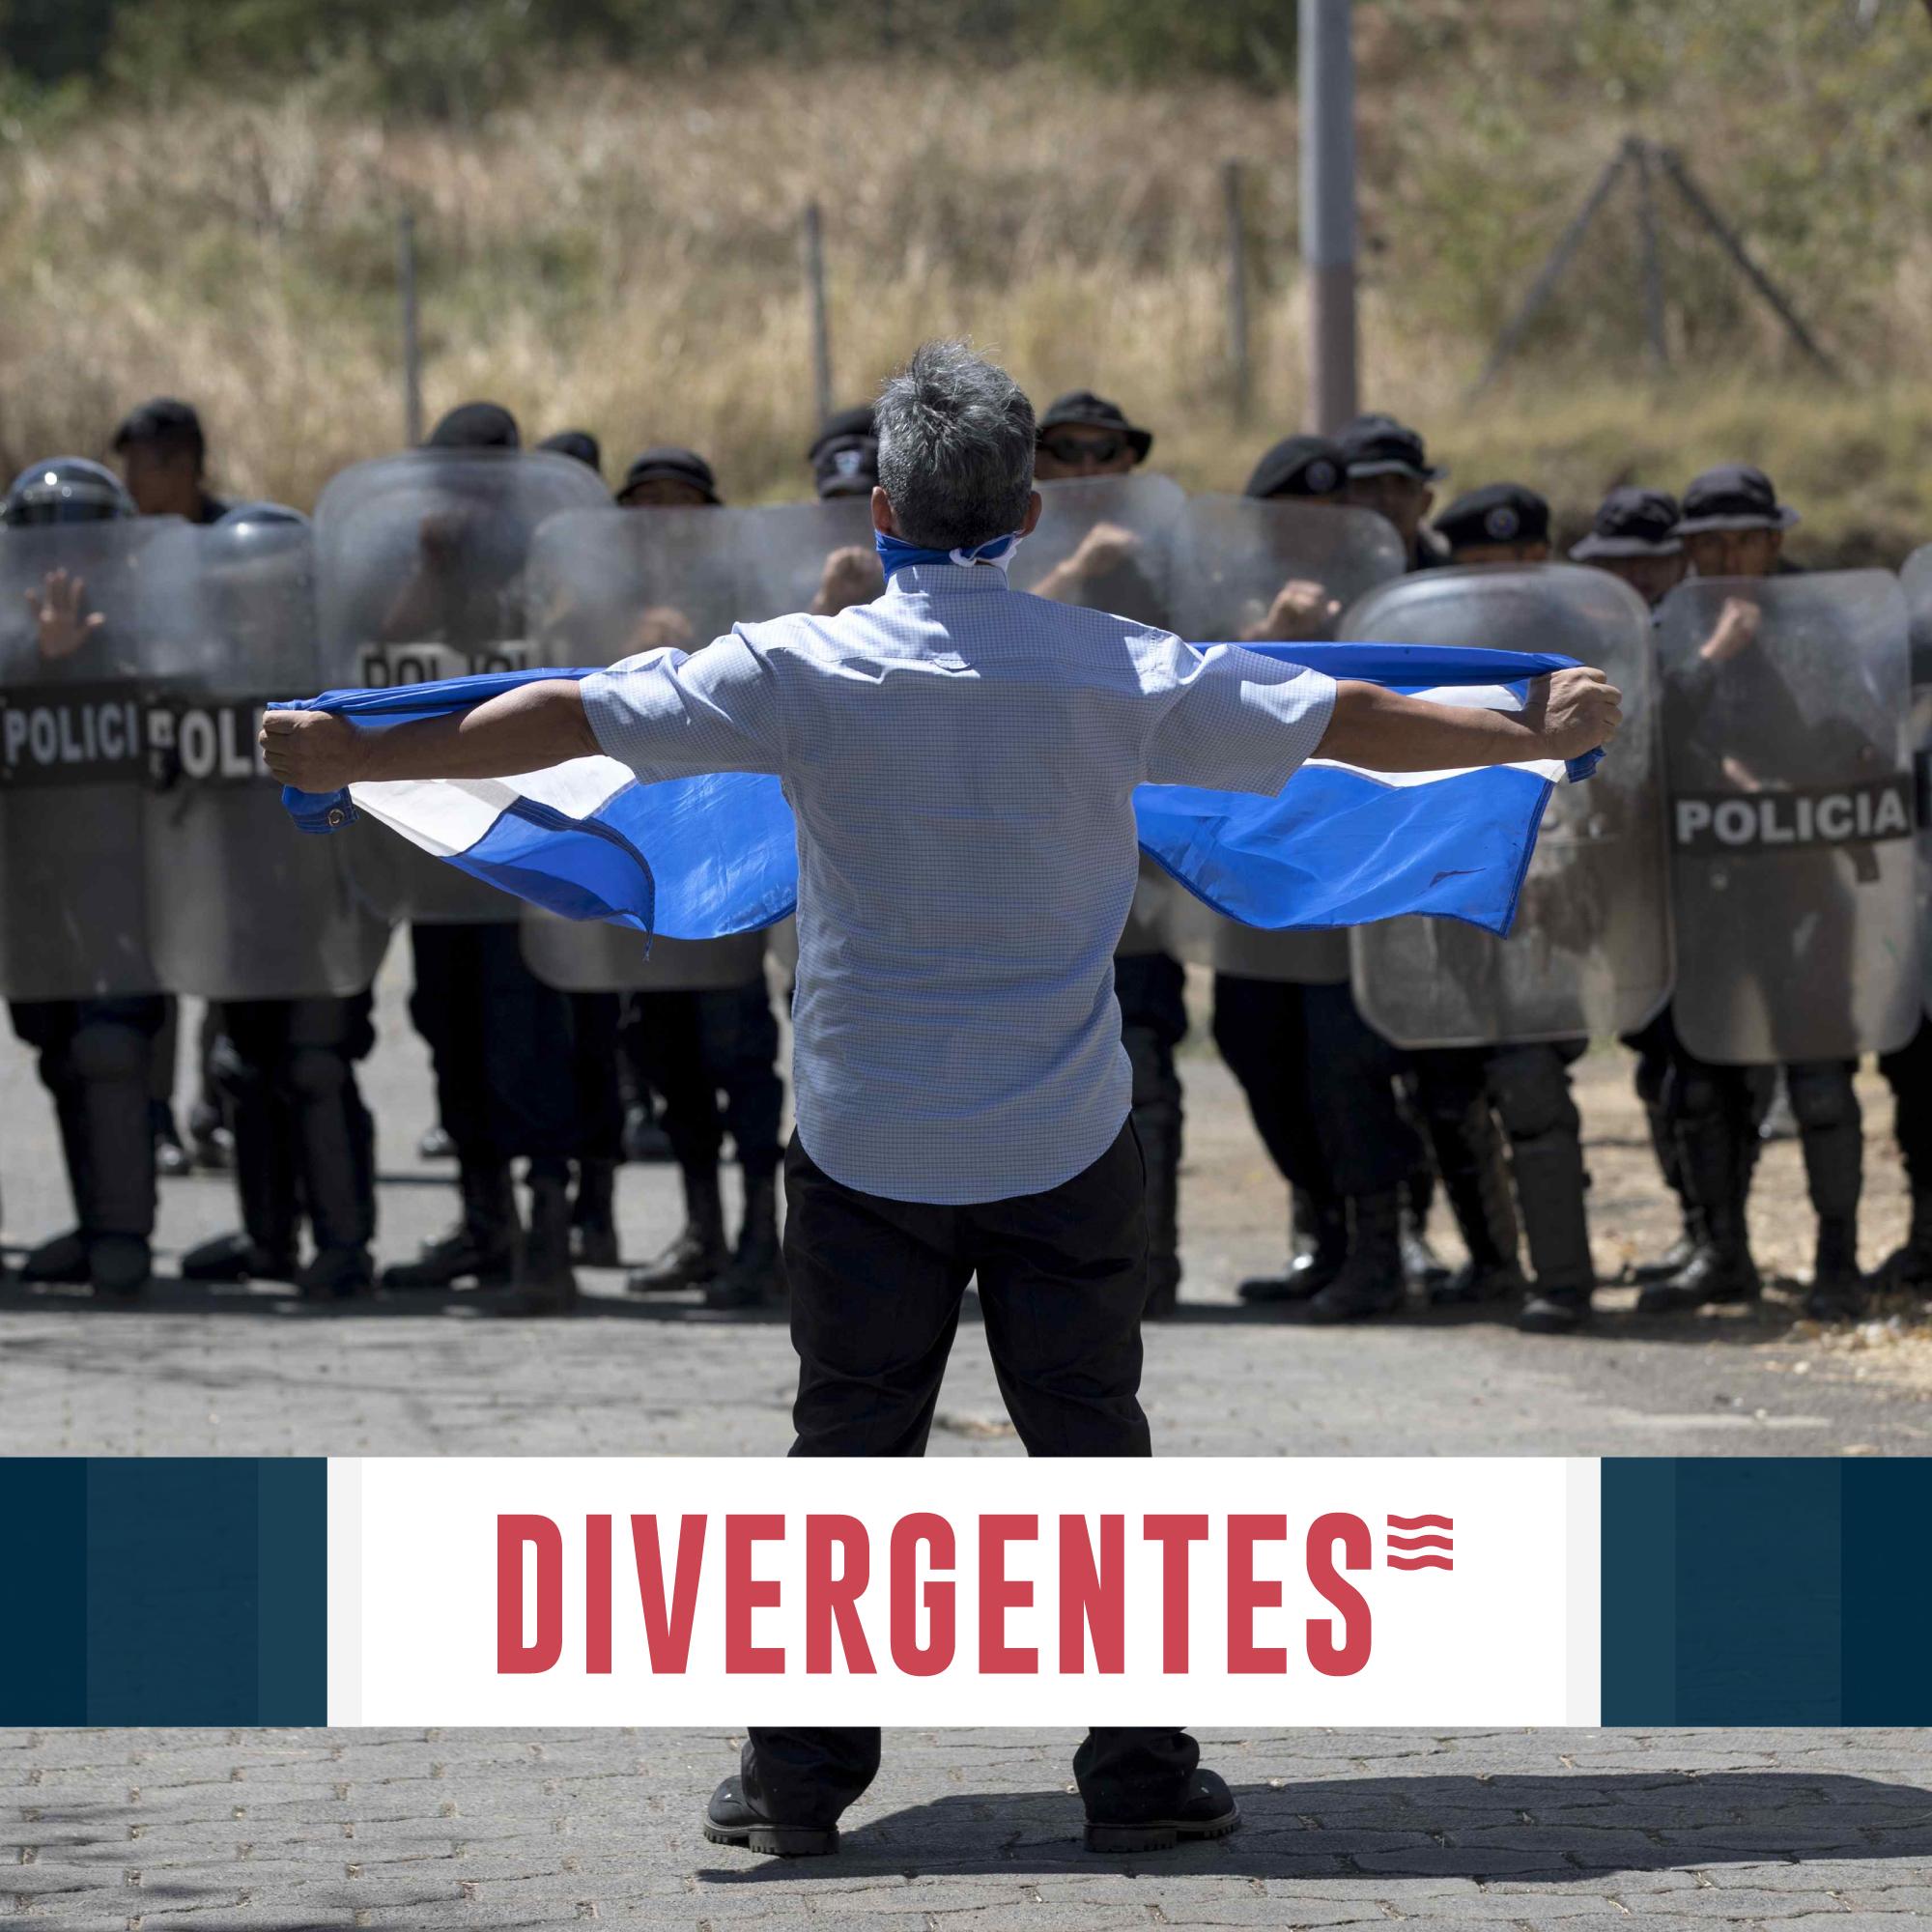 Divergentes